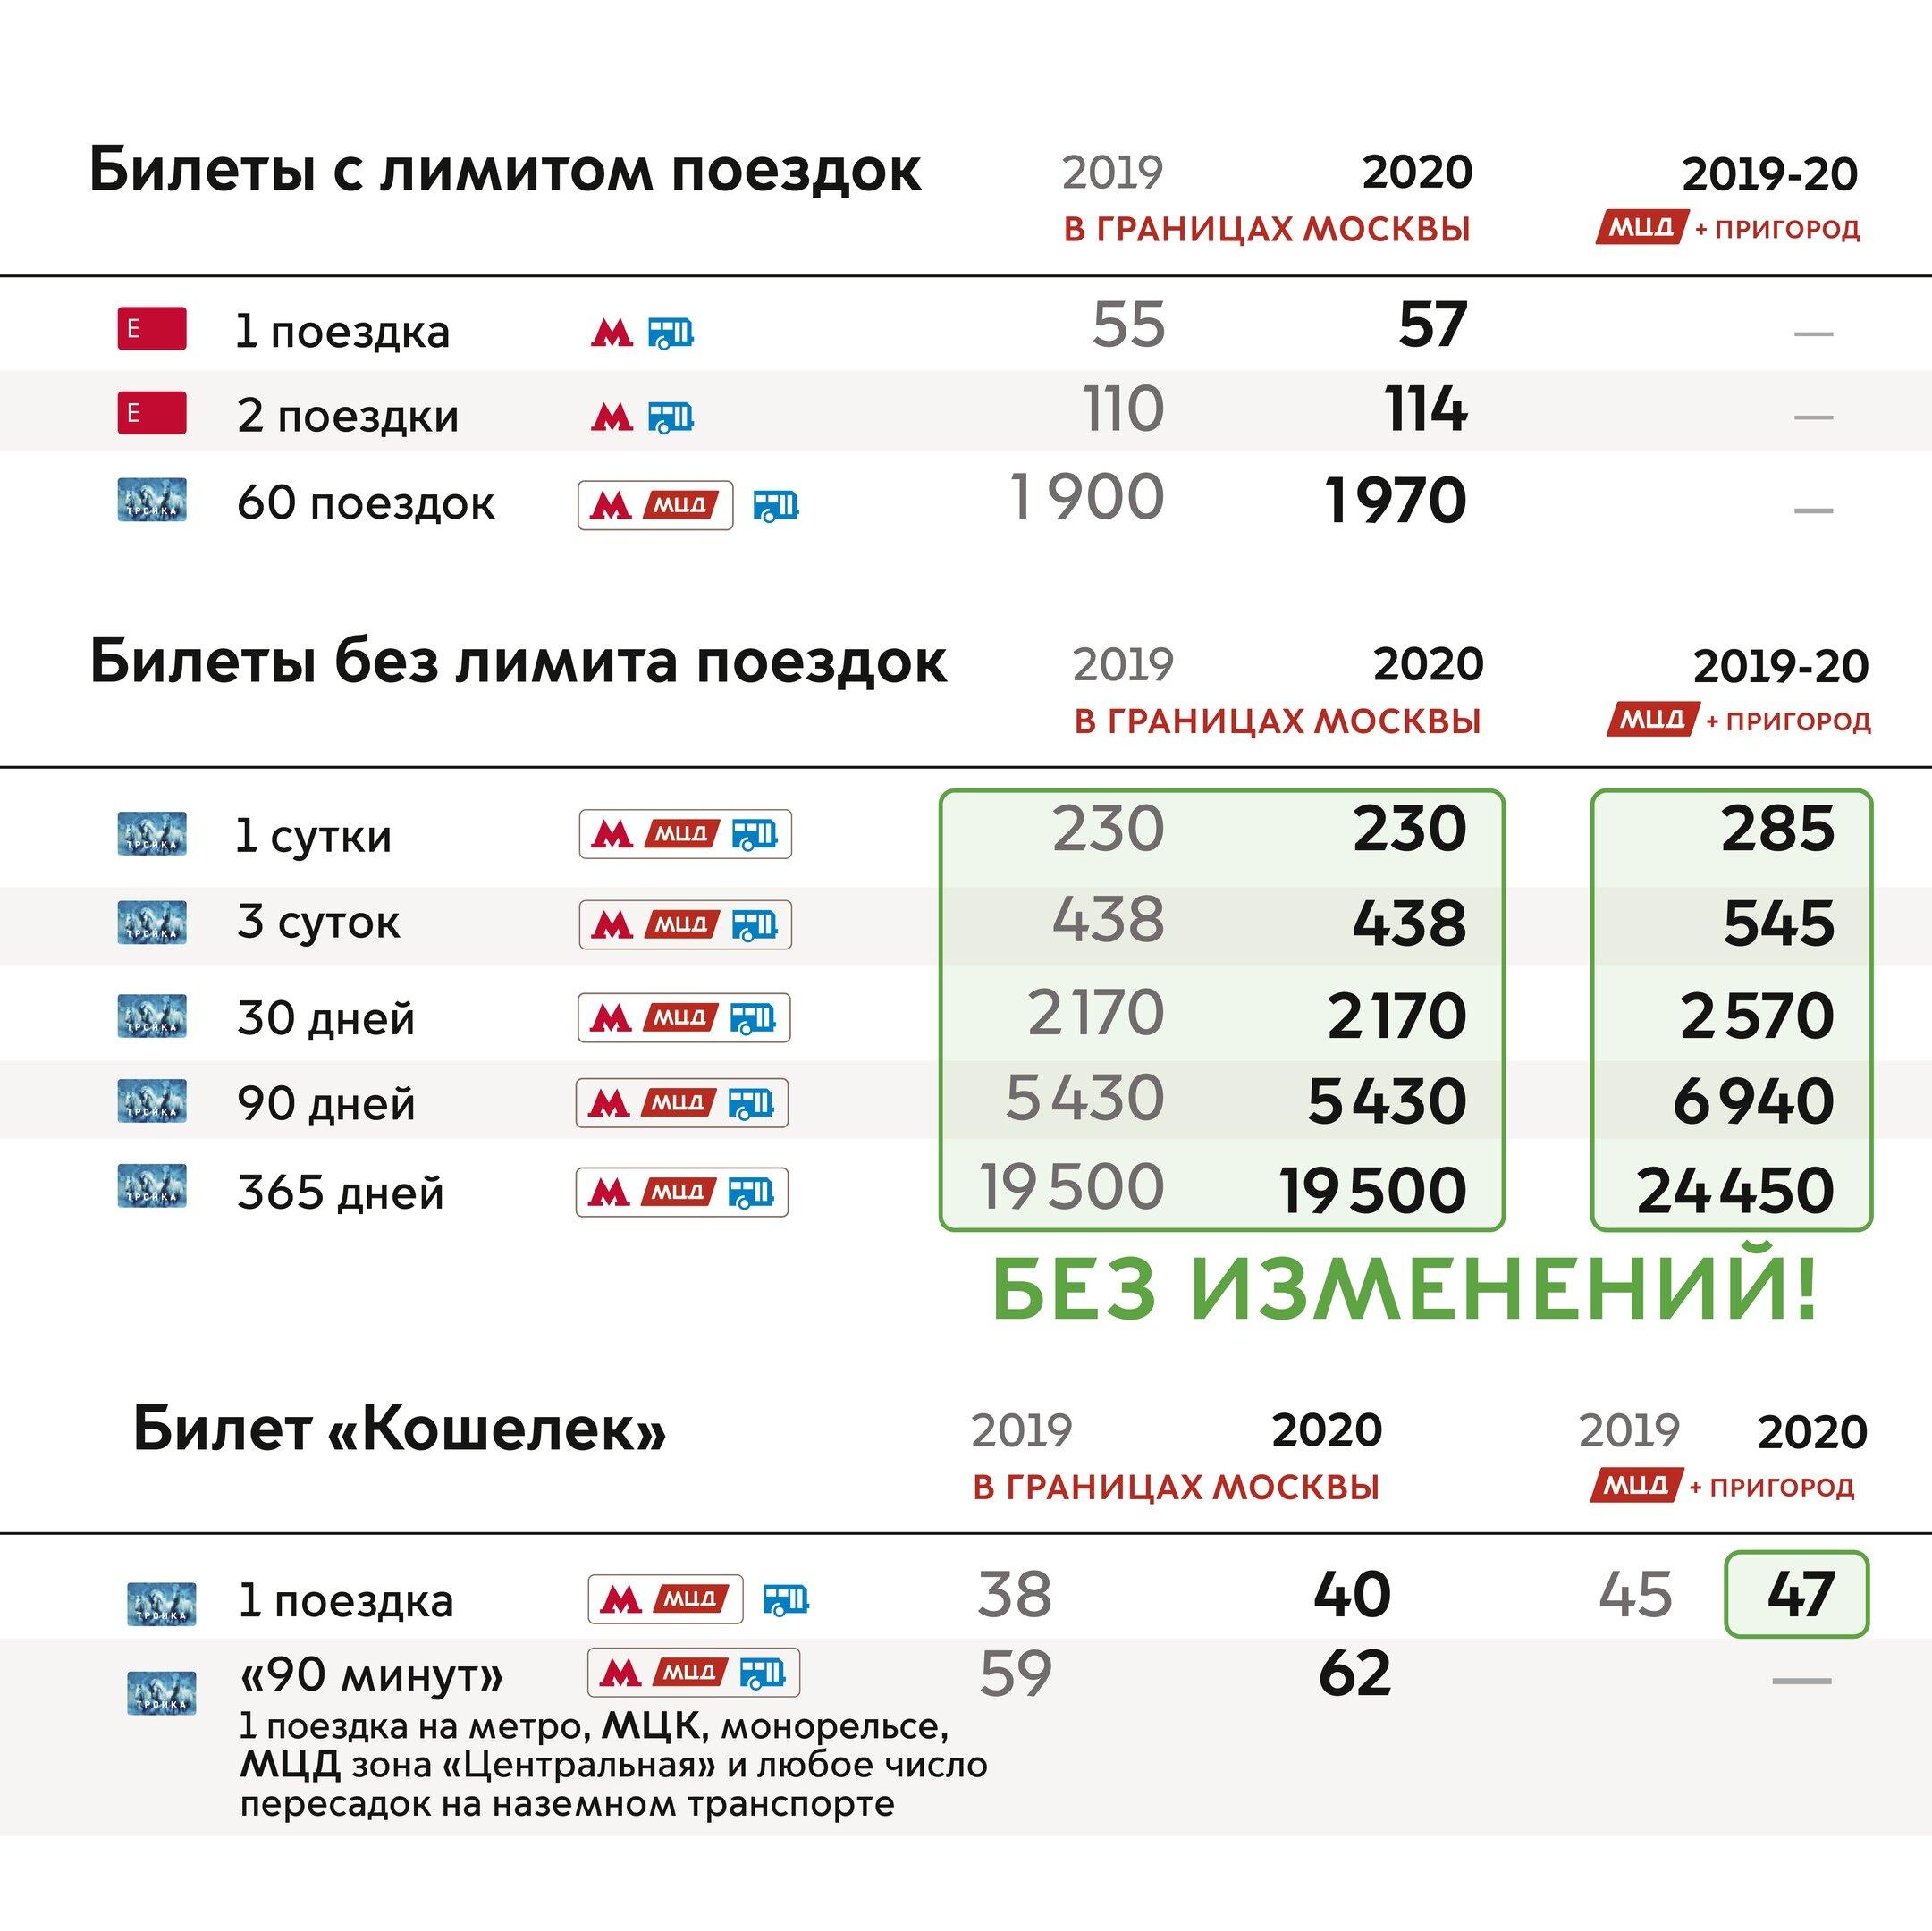 Пункты пополнения карт «тройка» и социальных карт учащихся - портал открытых данных правительства москвы пункты пополнения карт «тройка» и социальных карт учащихся